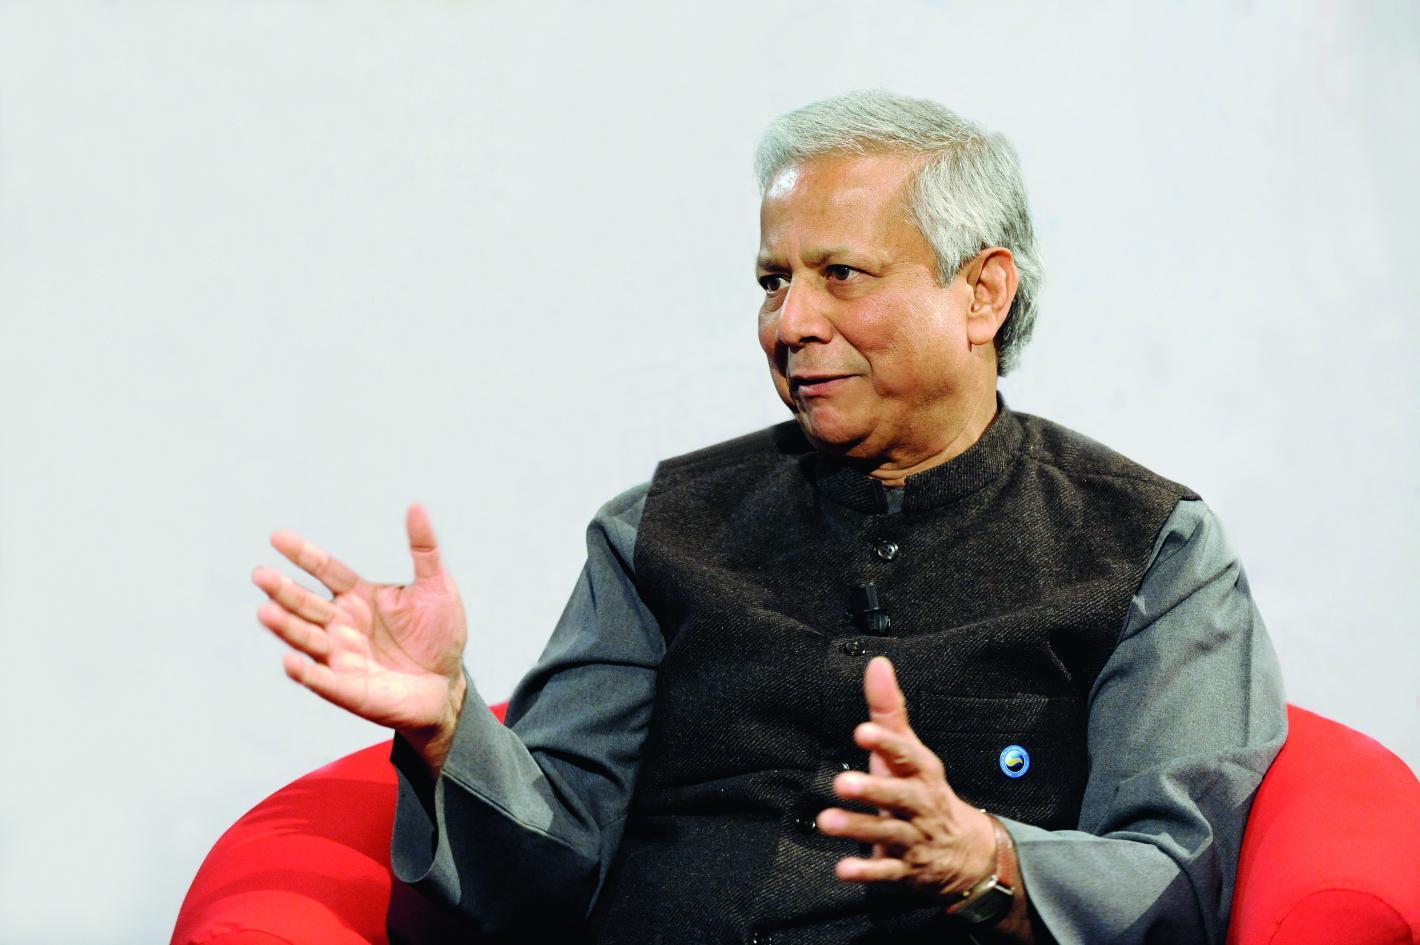 Muhammad Yunus, 2006 Nobel Prize Laureate